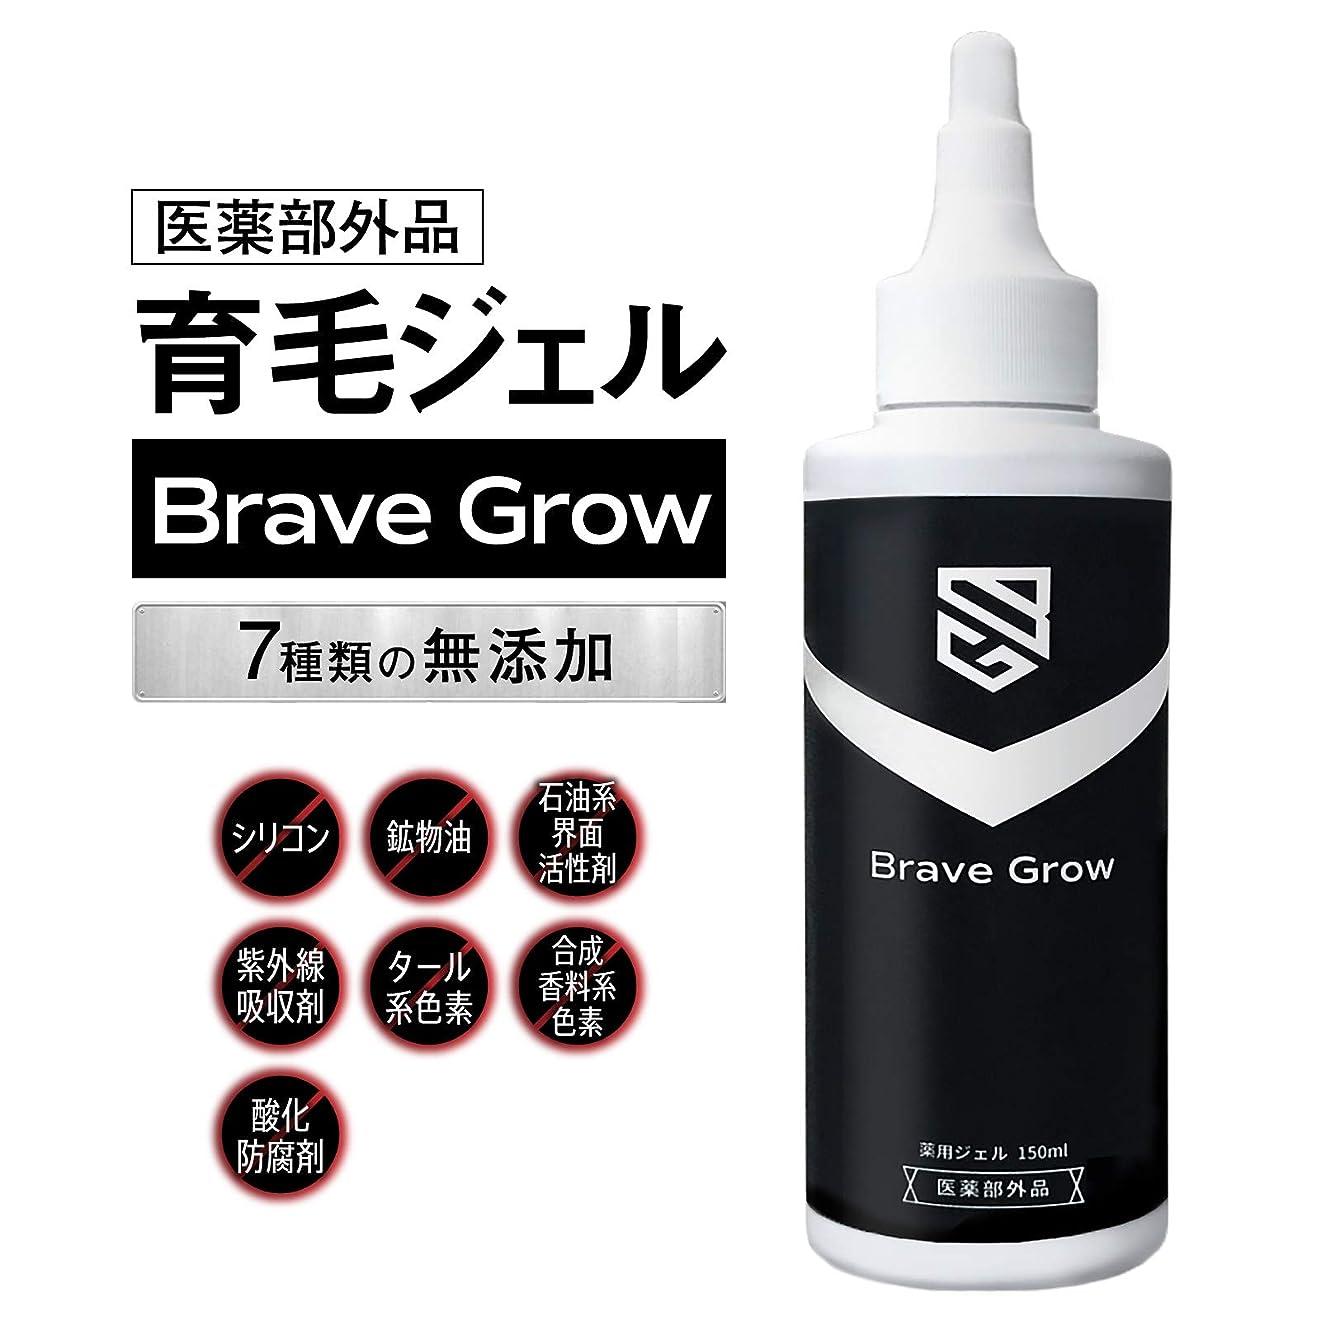 芝生走る特権育毛剤 BraveGrow ブレイブグロー 150ml 【医薬部外品】ジェルタイプ 男性